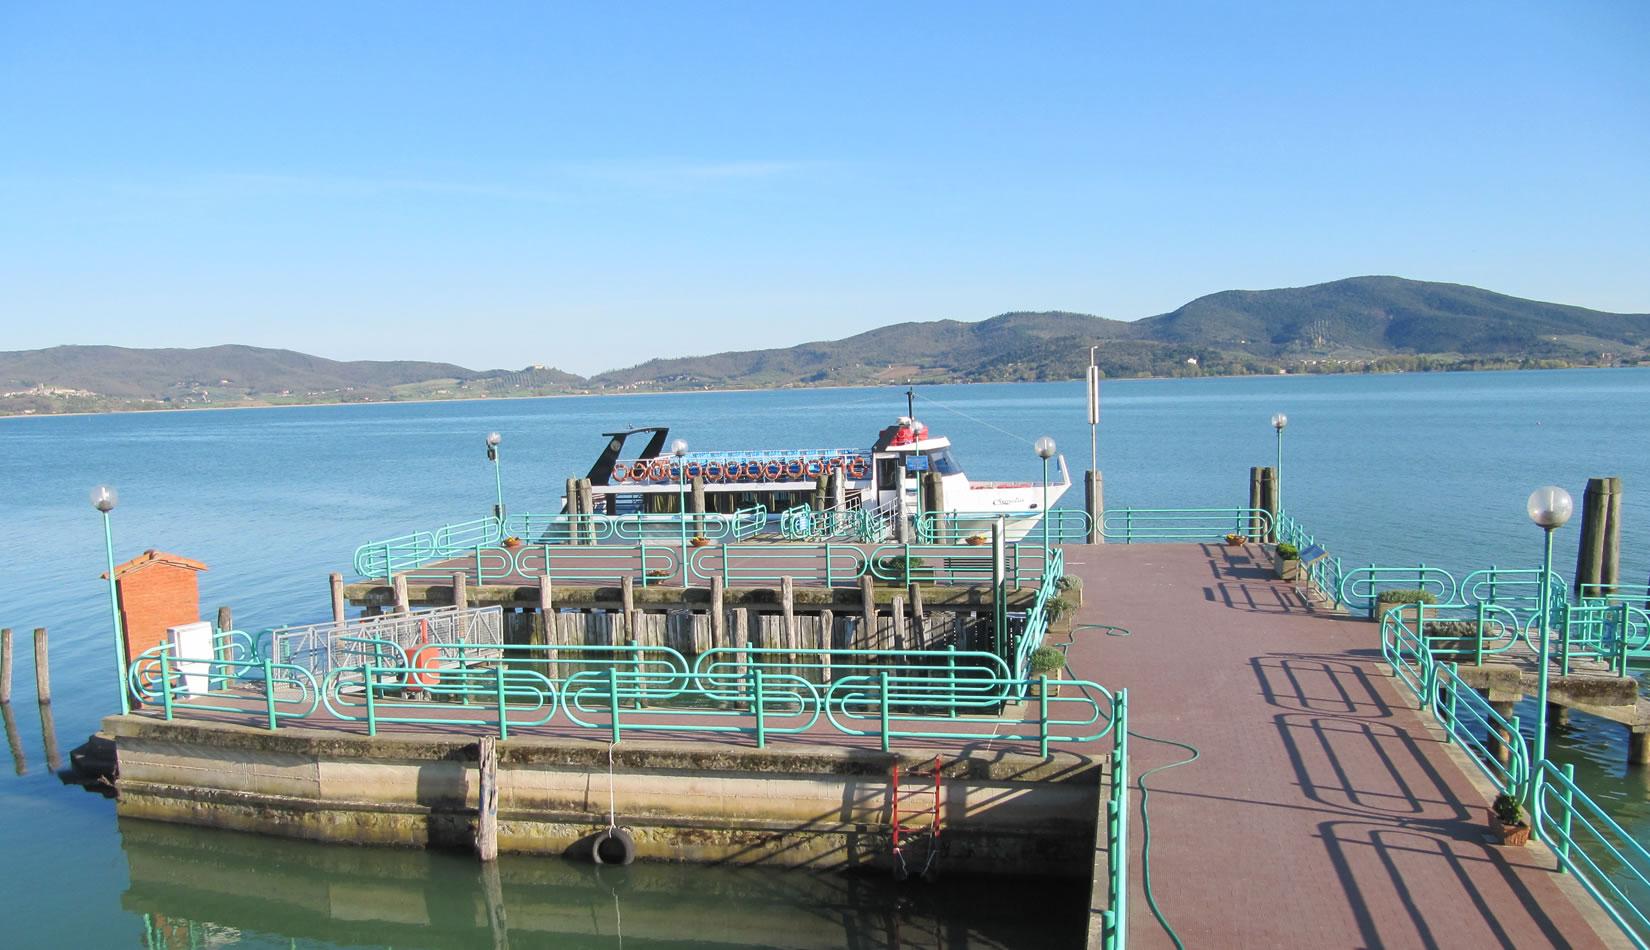 Traghetto attracca al molo dell'isola